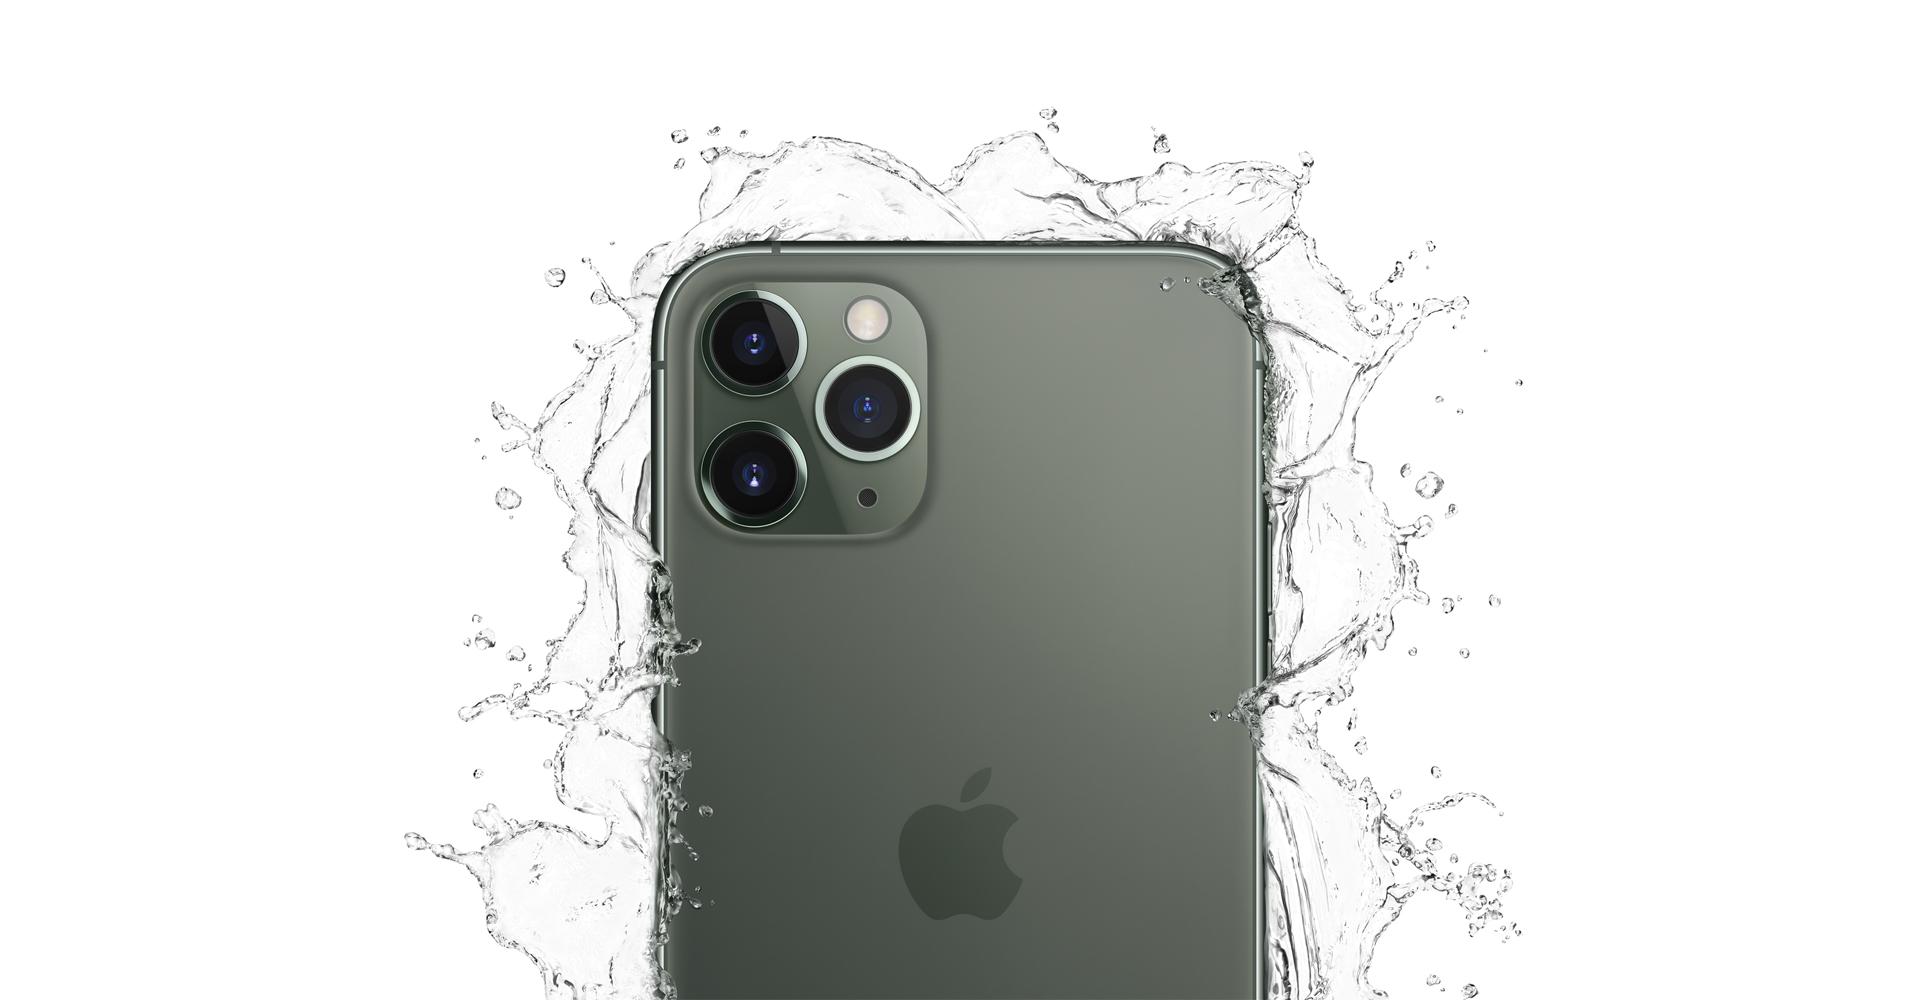 Das iPhone 11 Pro in Grün mit Wasserspritzern. Foto: Applet